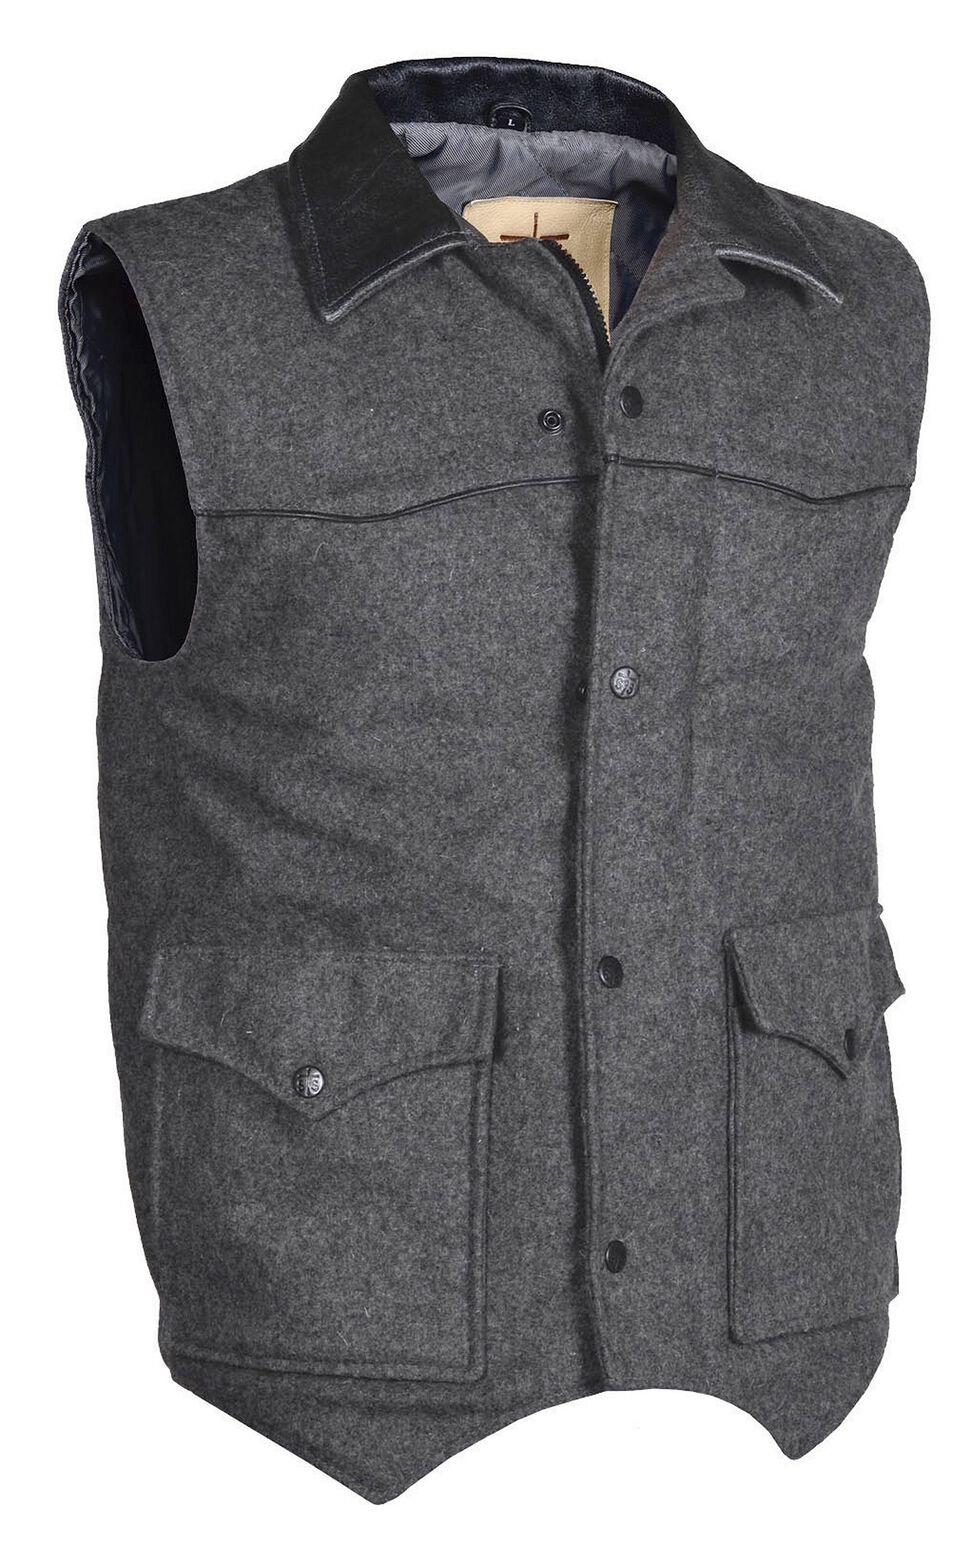 STS Ranchwear Men's Lariat Charcoal Grey Vest, , hi-res